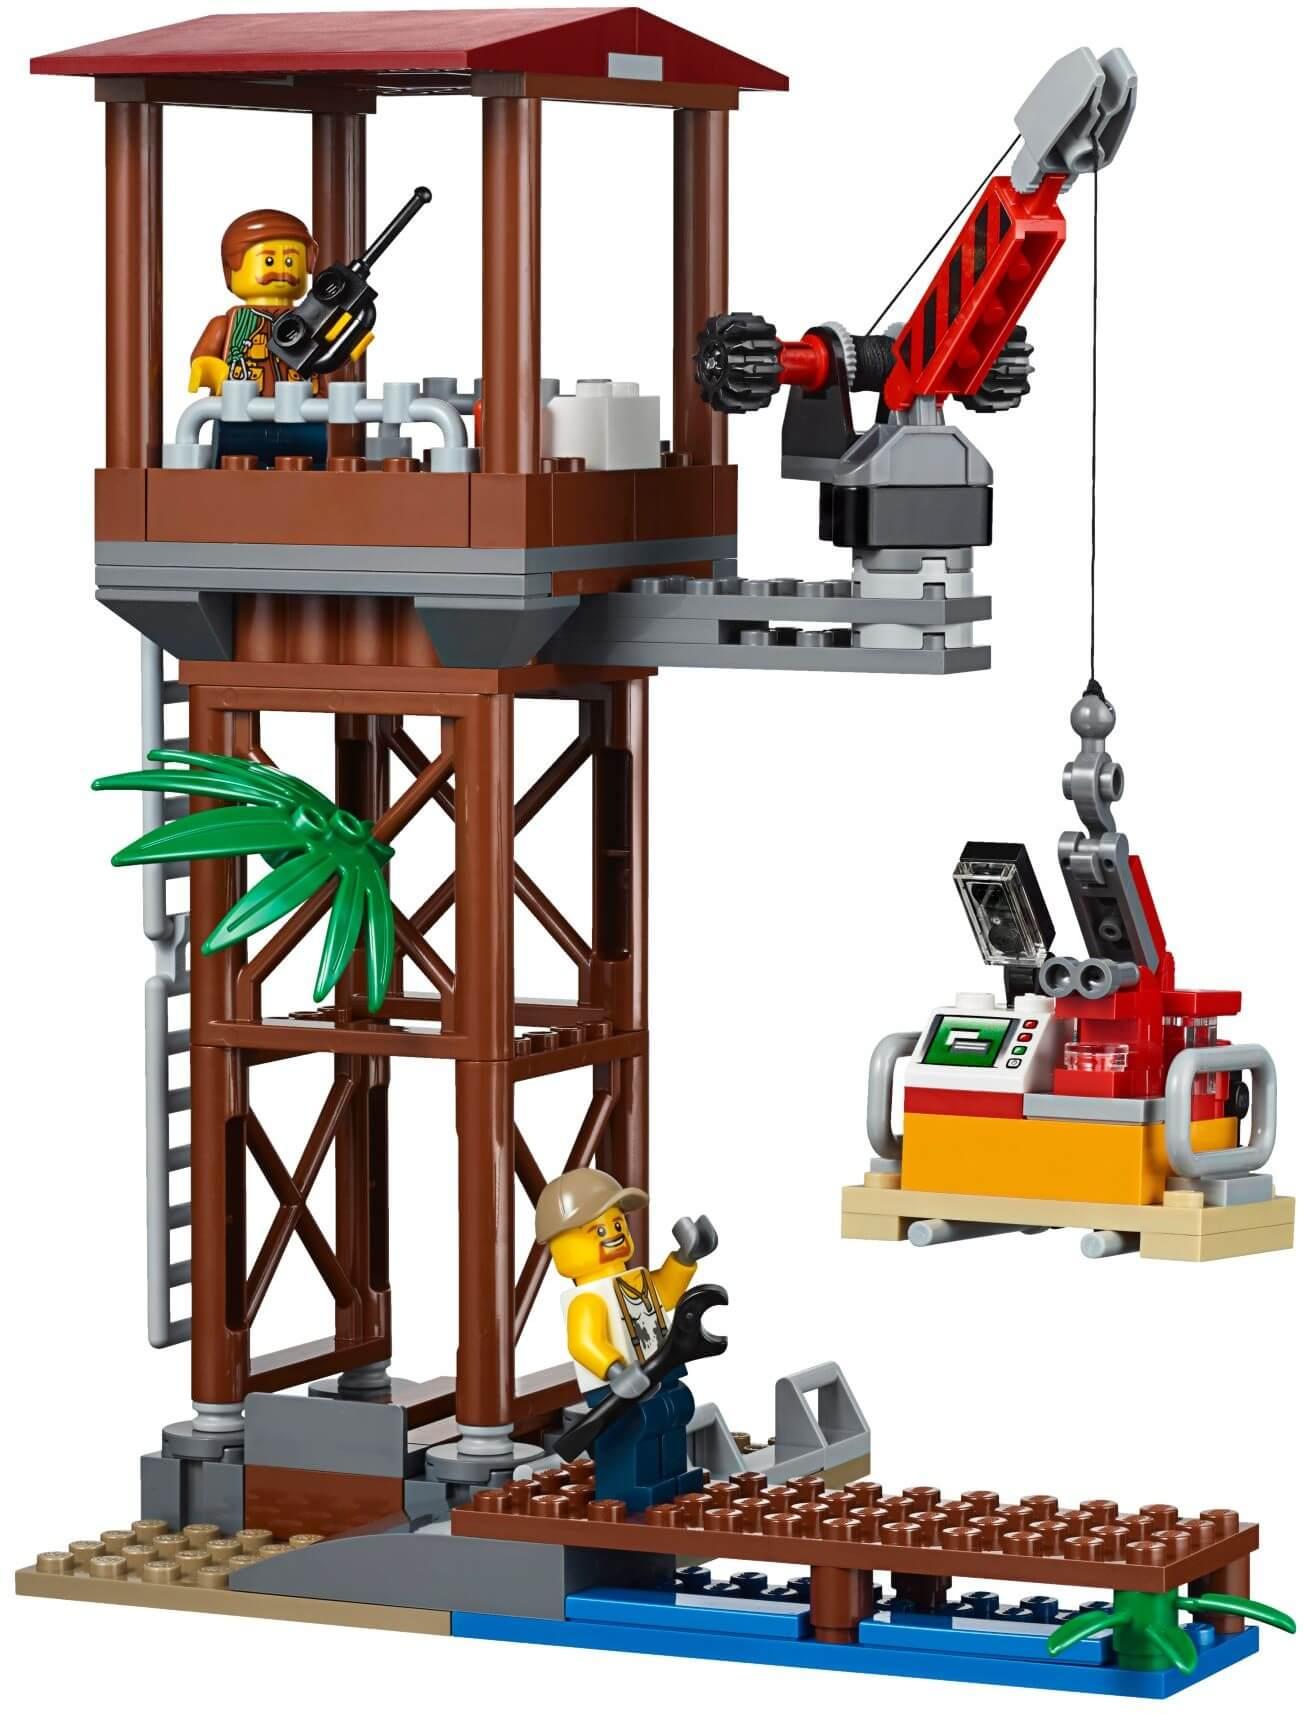 Mua đồ chơi LEGO 60162 - LEGO City 60162 - Đội Trực Thăng Vận Chuyển Rừng (LEGO City Jungle Air Drop Helicopter)